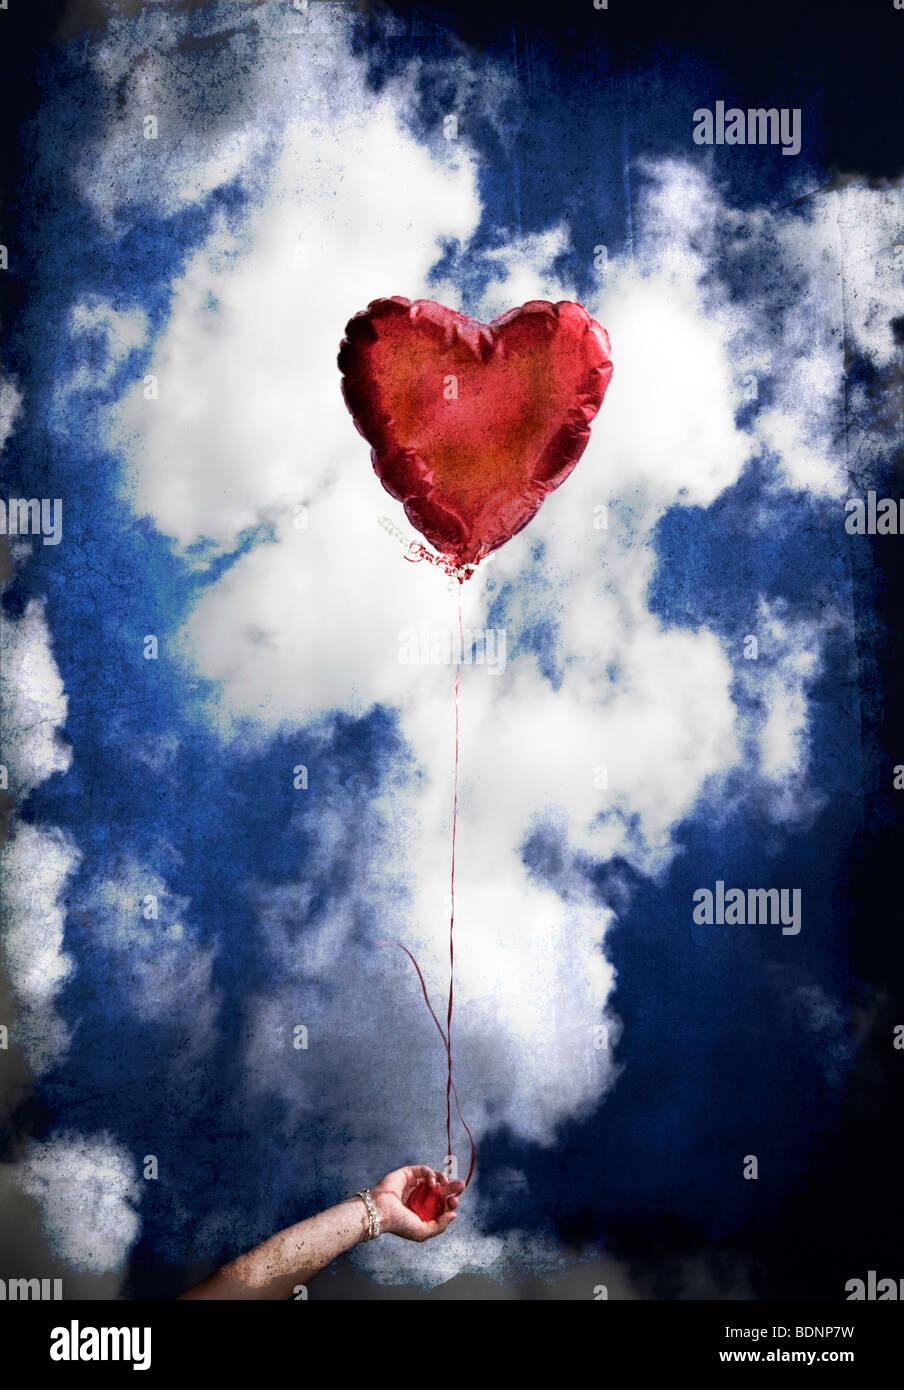 Une fille est titulaire d'un ballon rouge en forme d'un coeur contre le ciel bleu. Photo Stock